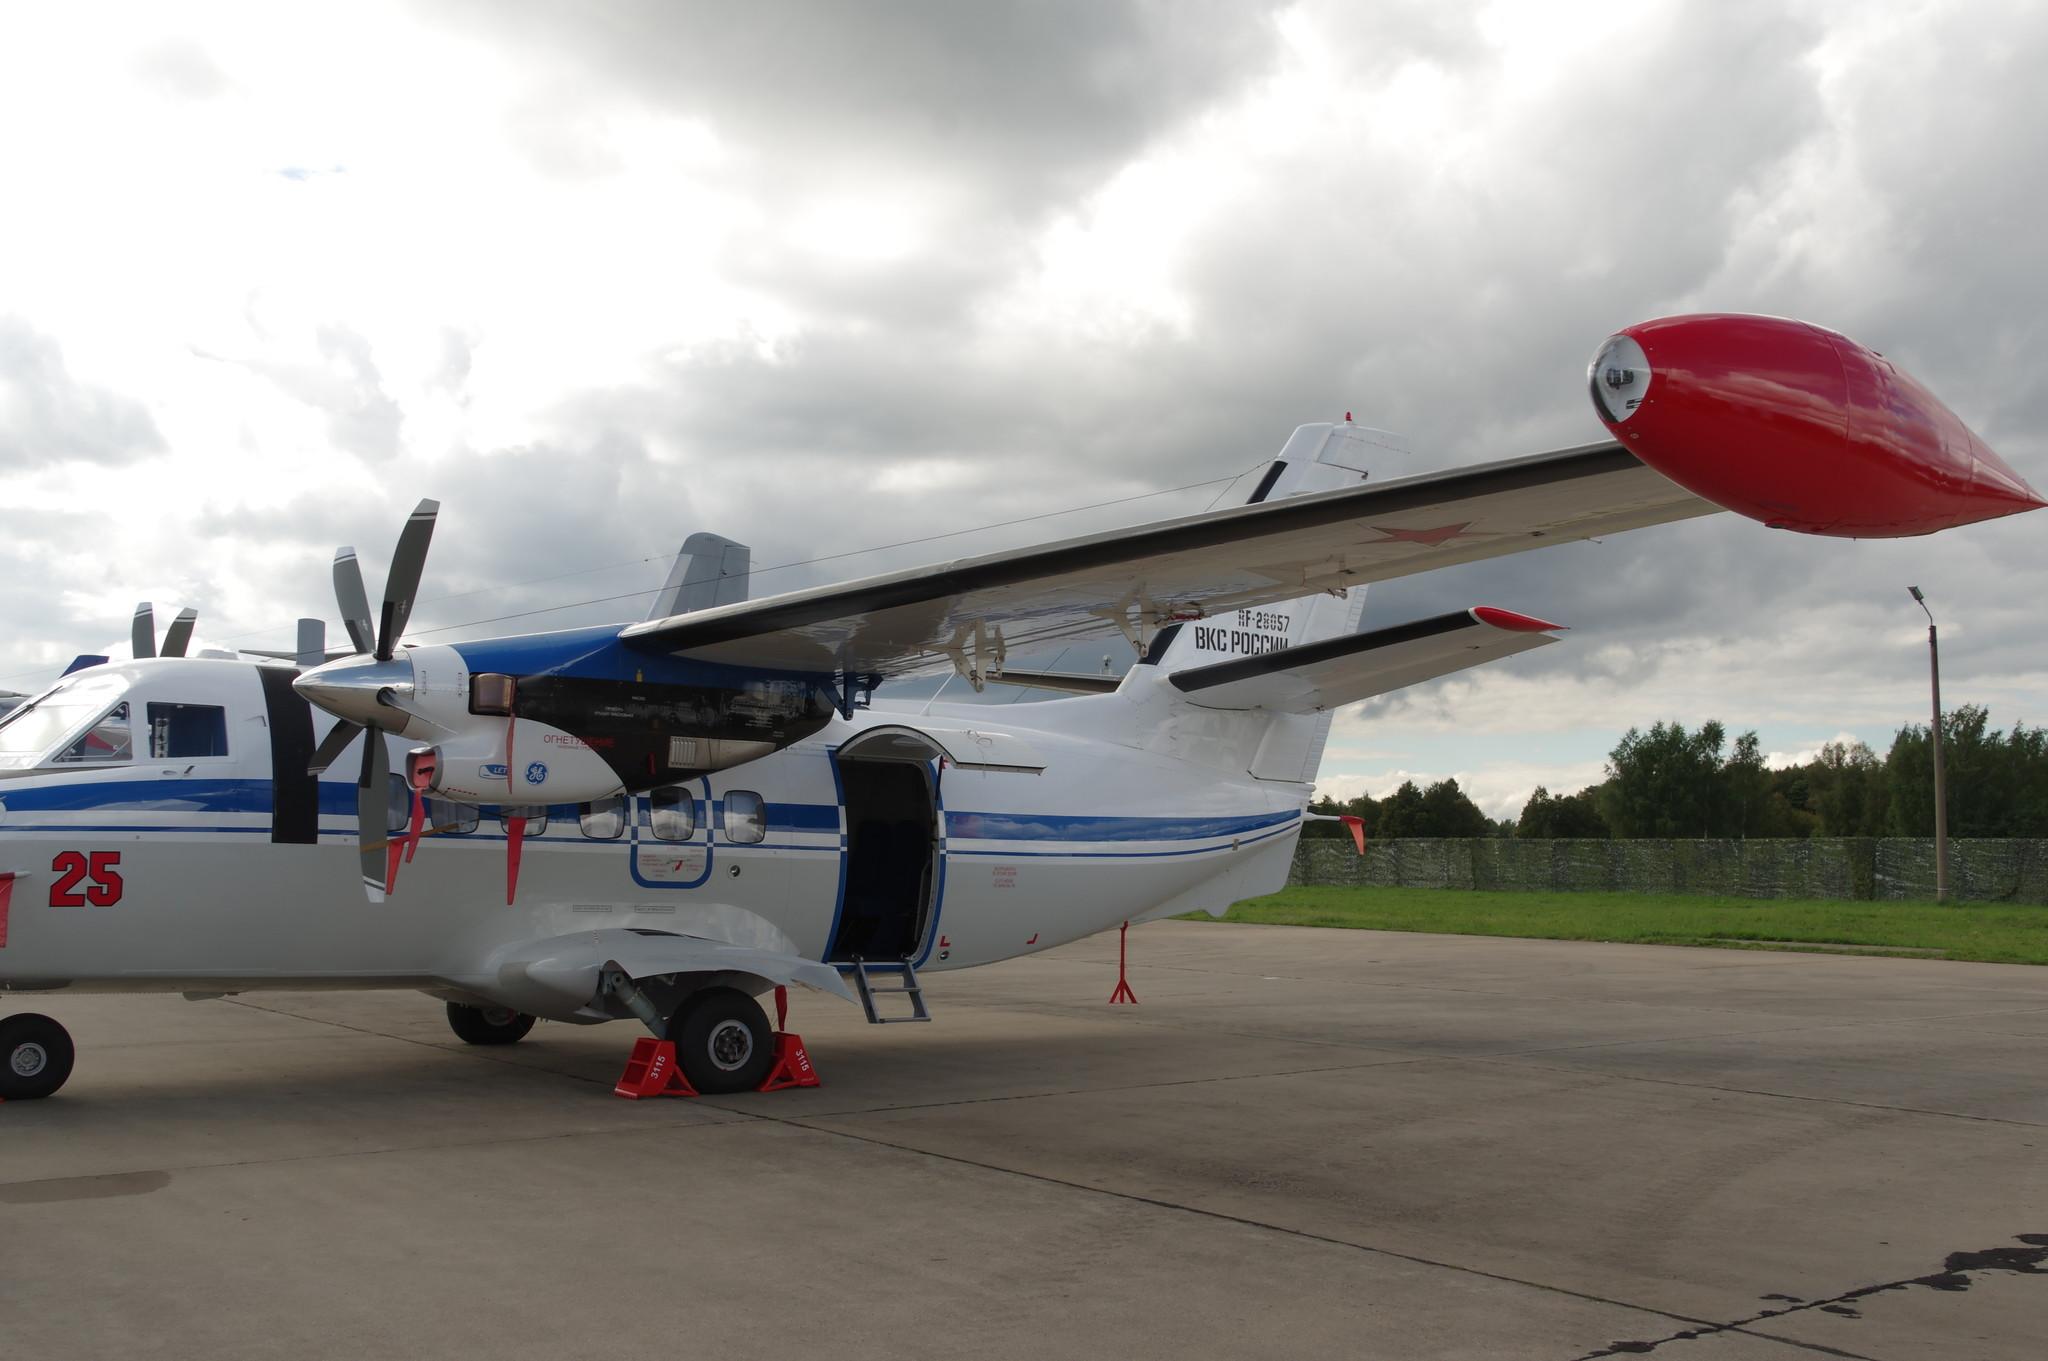 Учебно-тренировочный самолёт L-410 UVP-E20